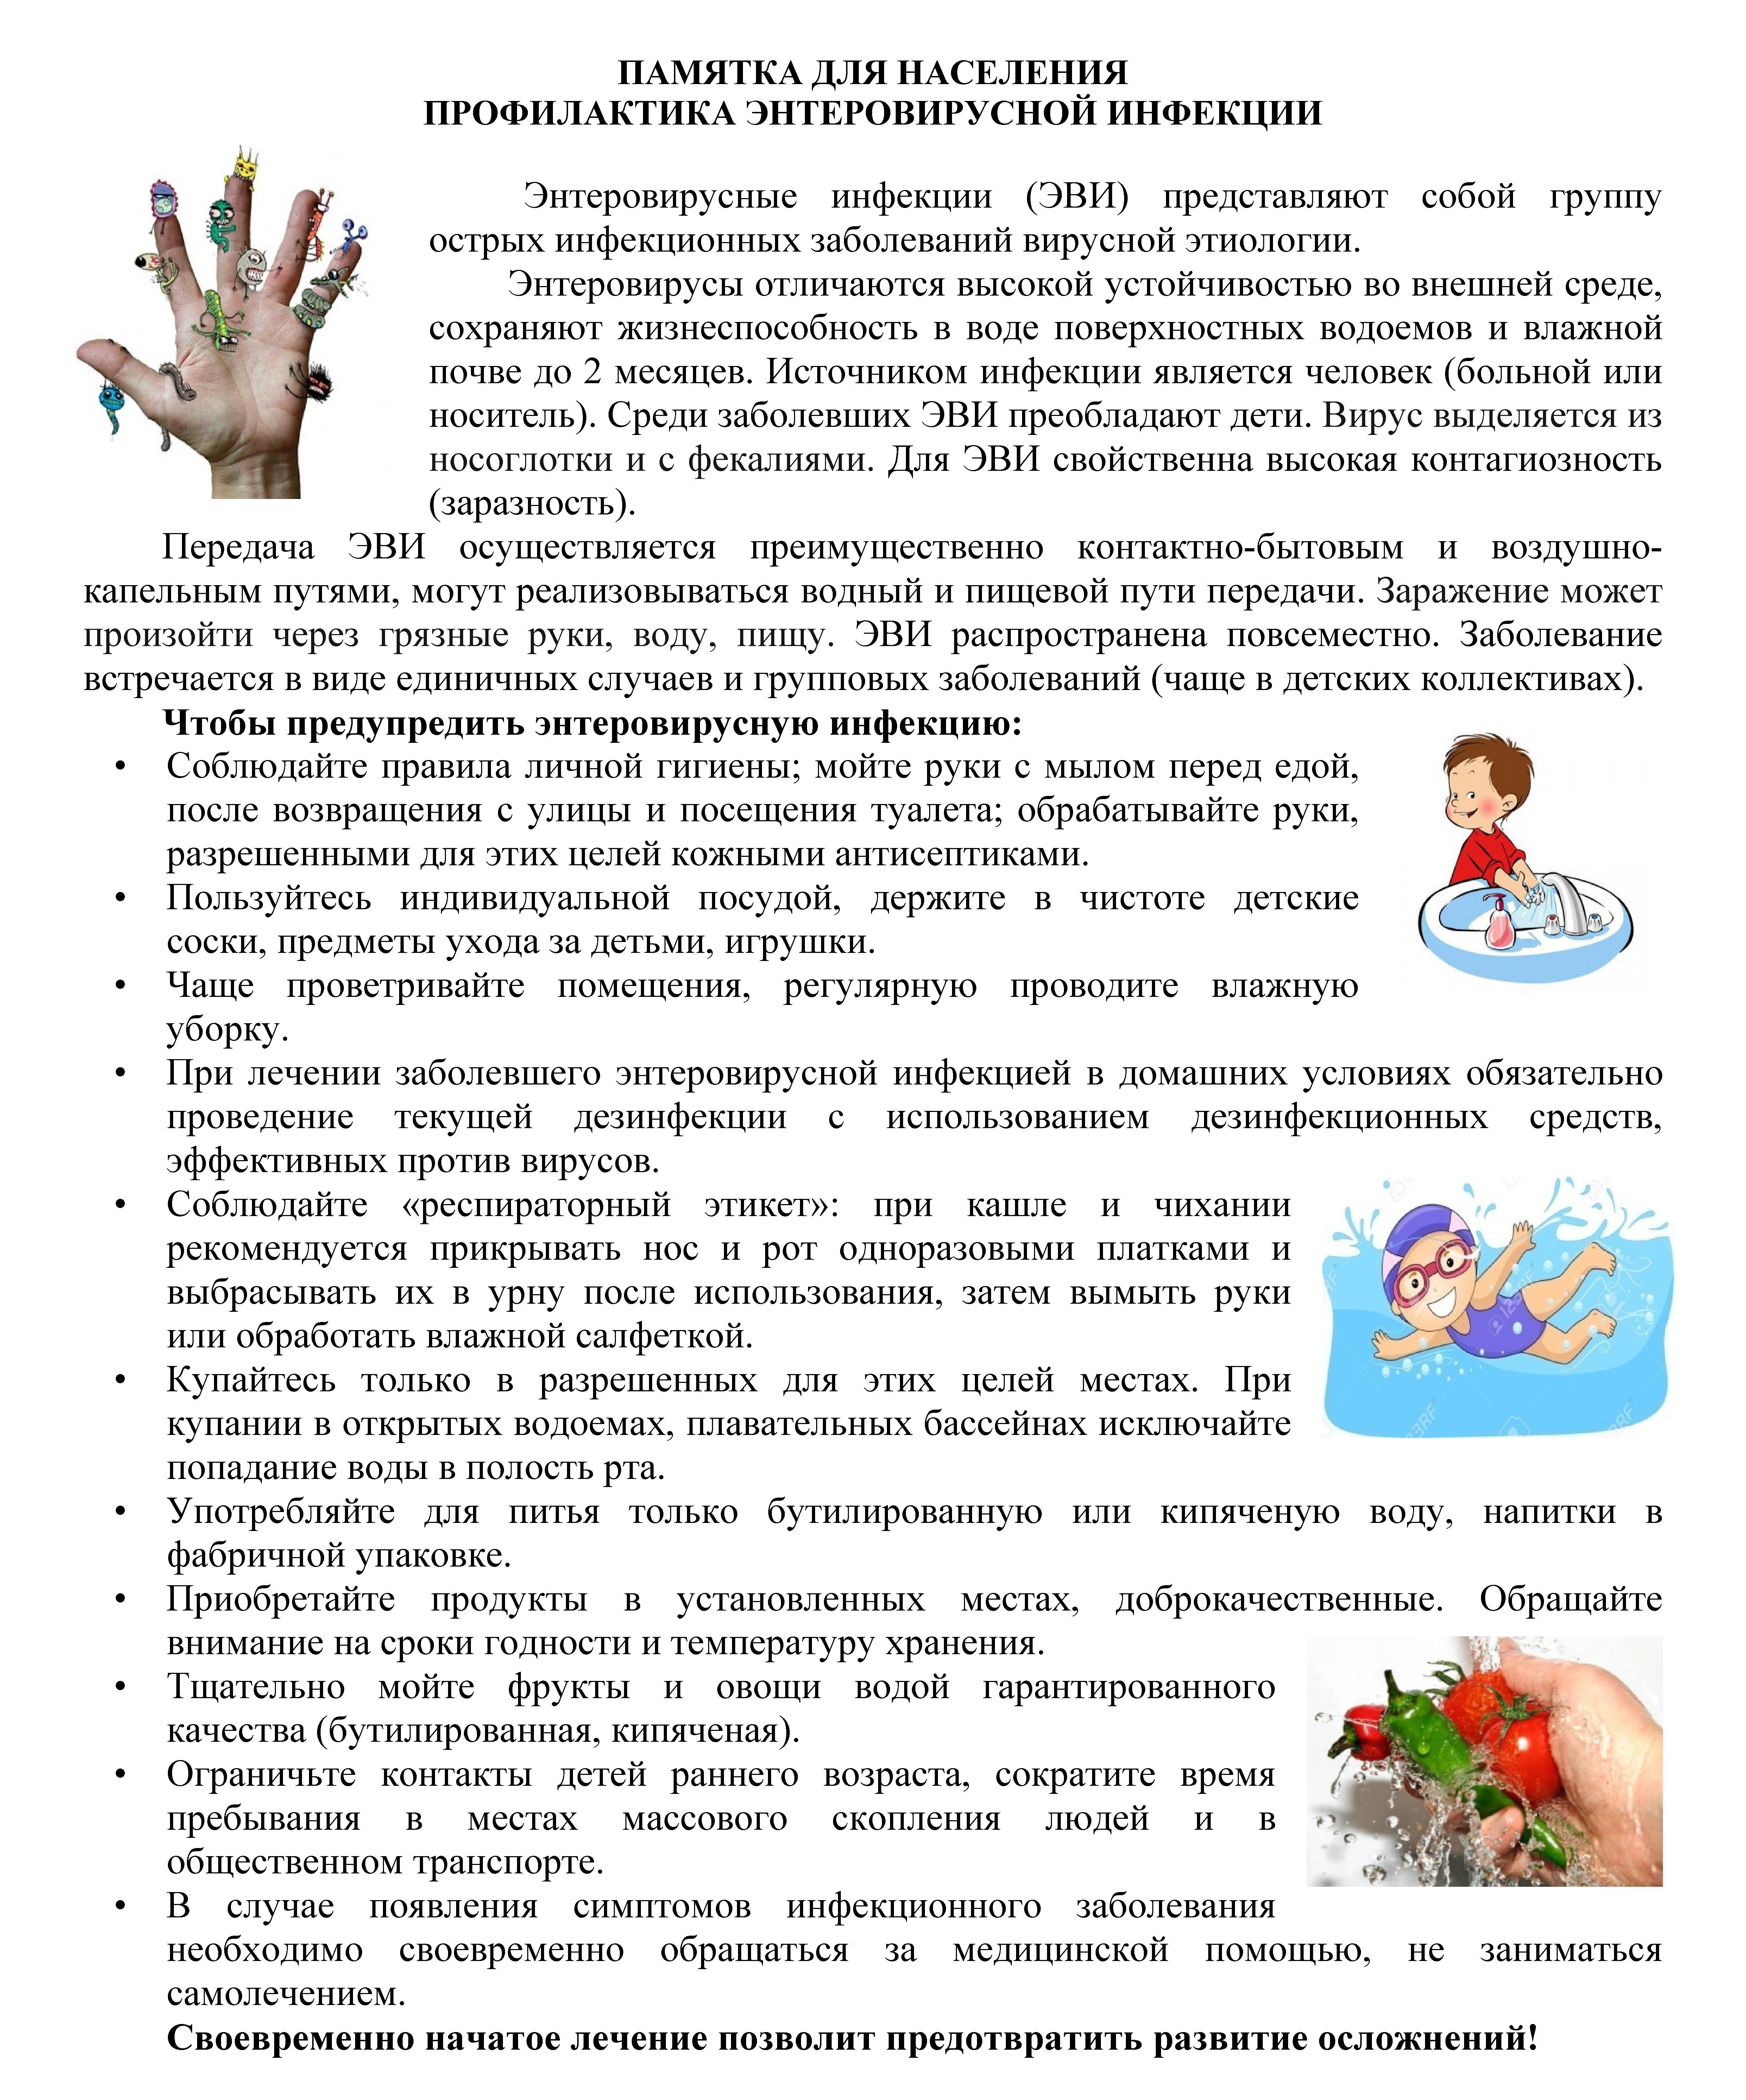 Энтеровирусная инфекция. причины, симптомы, диагностика и лечение заболевания.